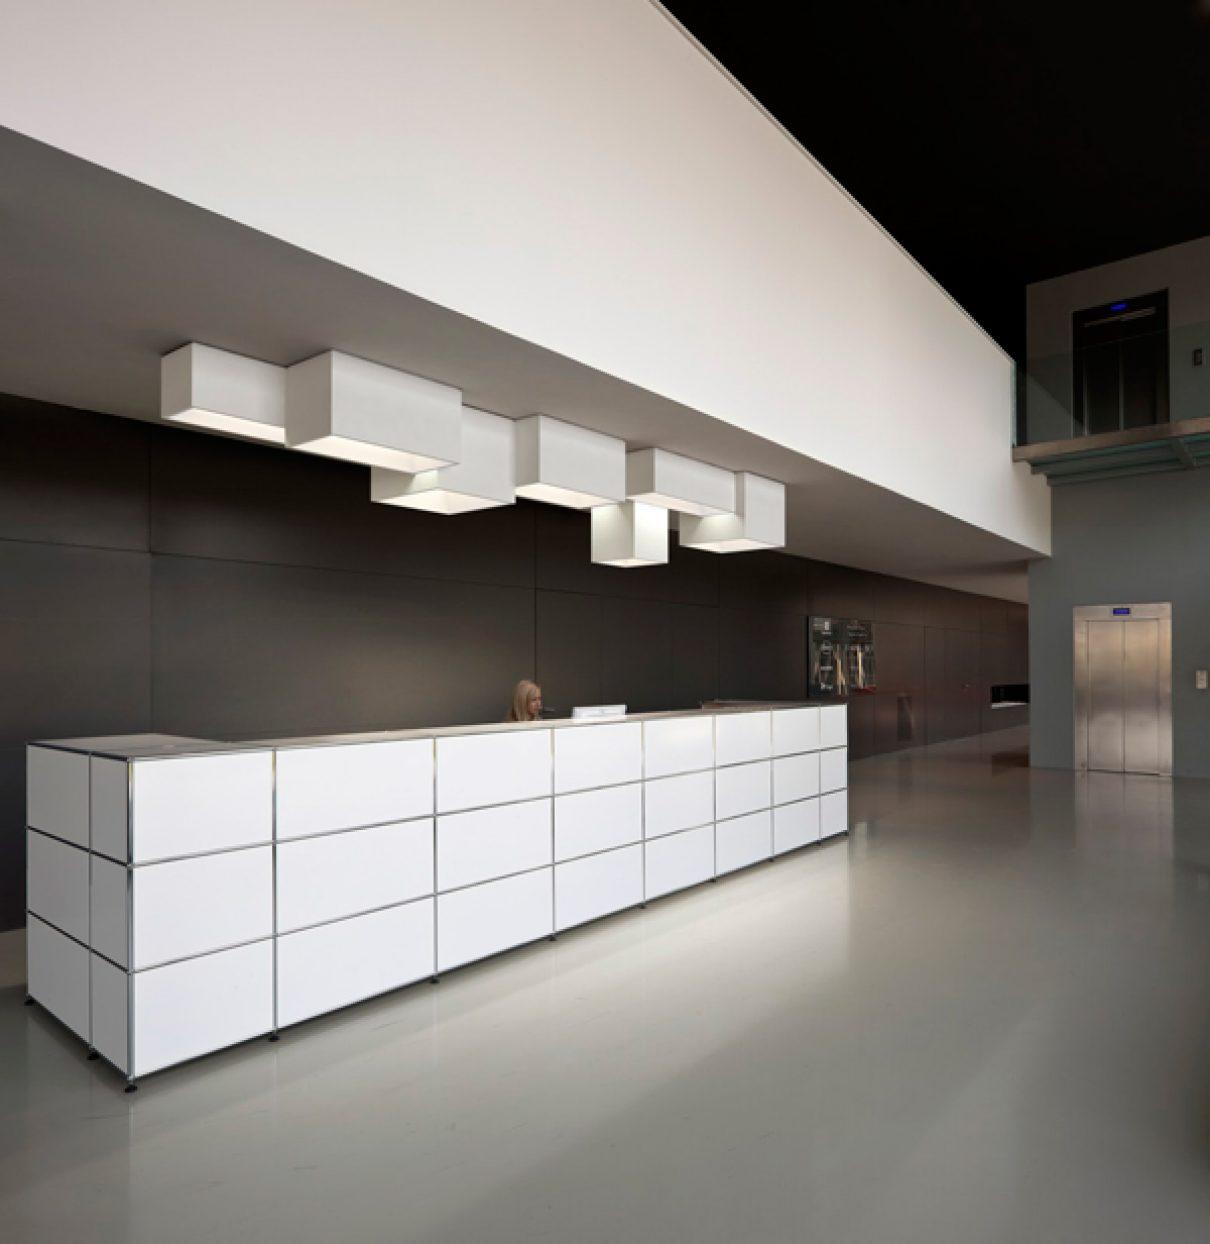 Architectuur van Vibia aan het plafond